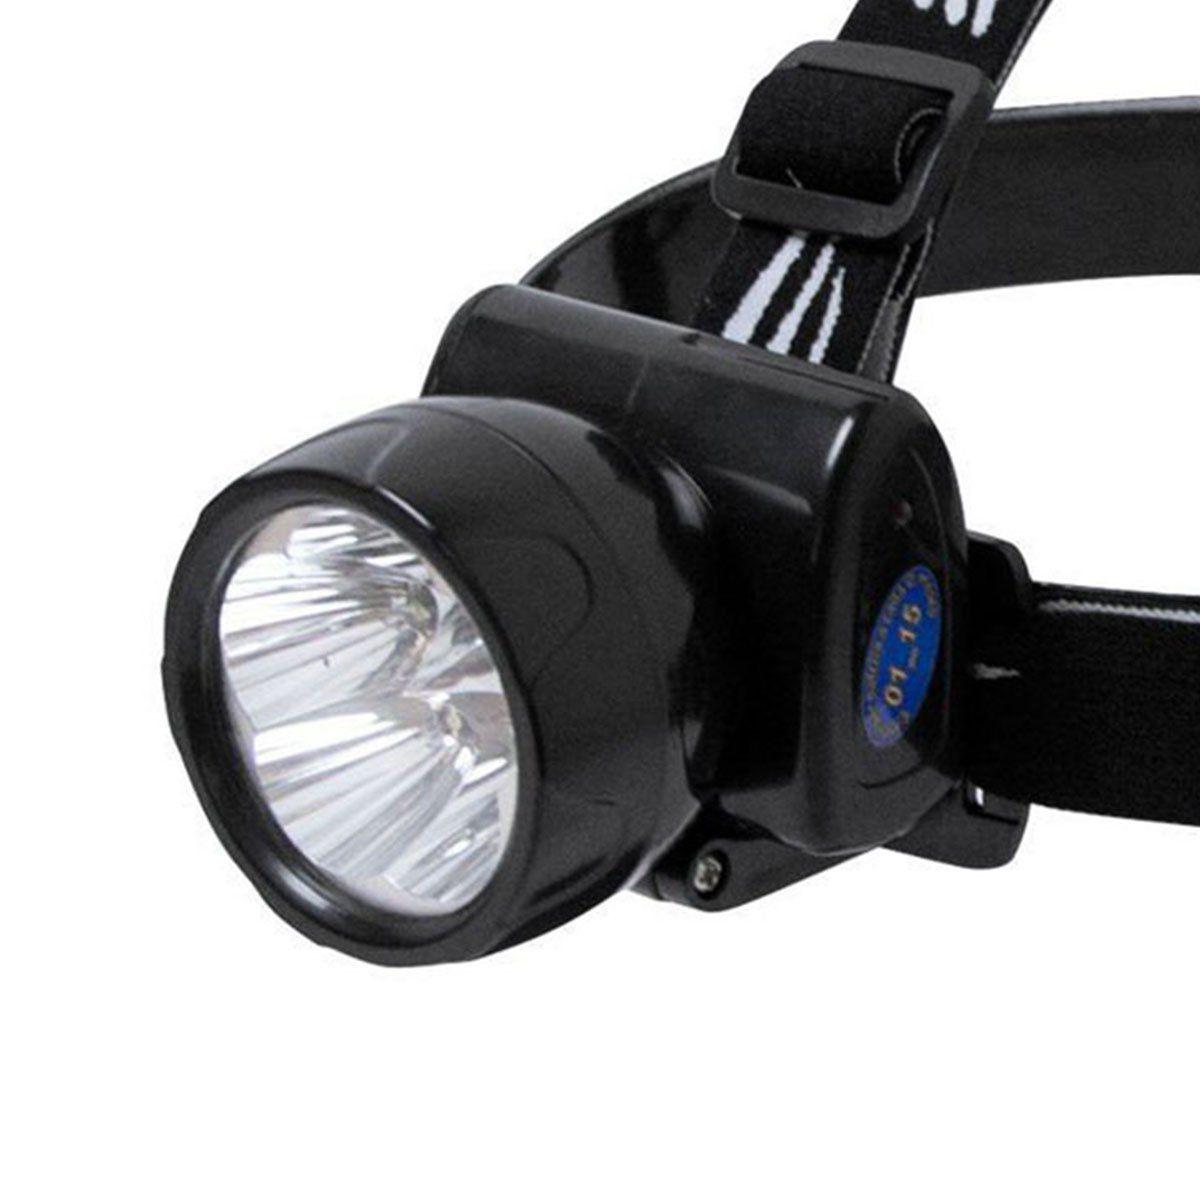 Lanterna de Cabeça Nautika Fênix - Recarregável